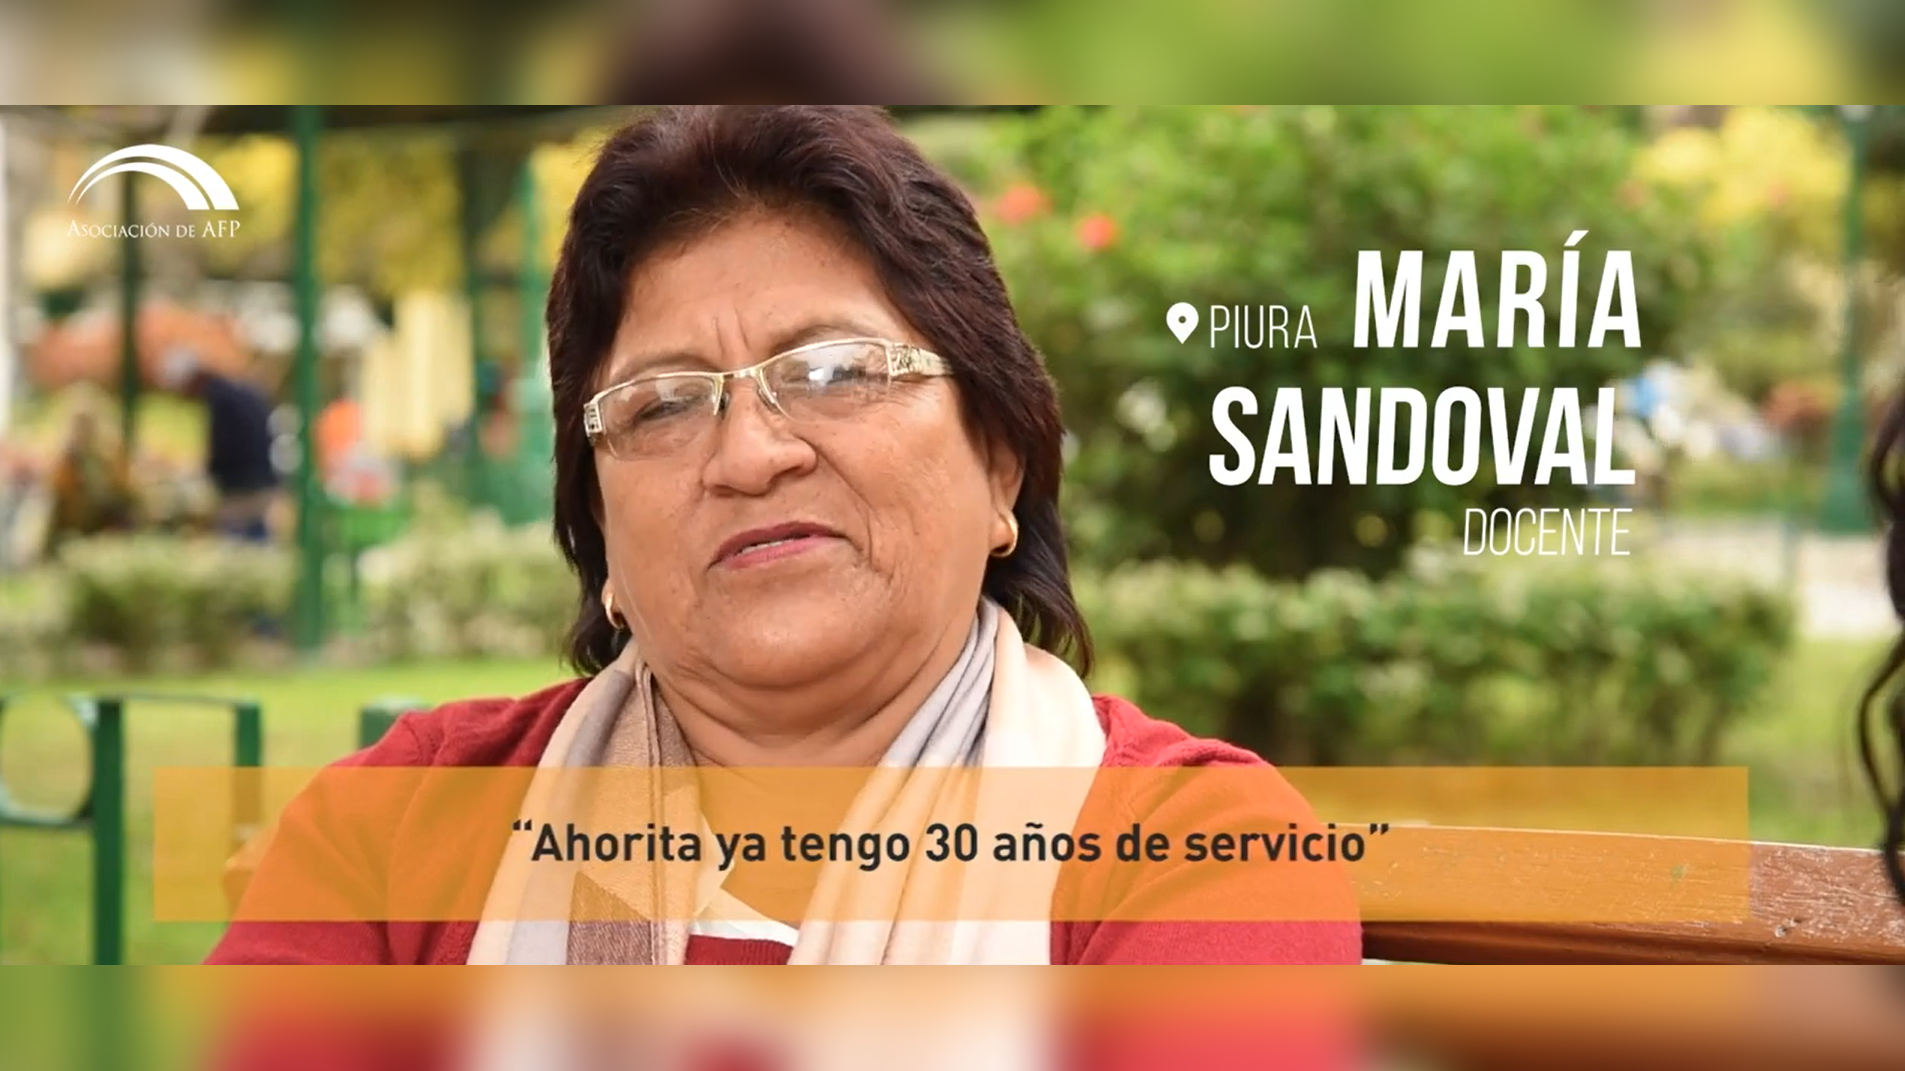 María Sandoval, de Piura, se encontraba indecisa al elegir la mejor opción para ahorrar. Conoce su historia.